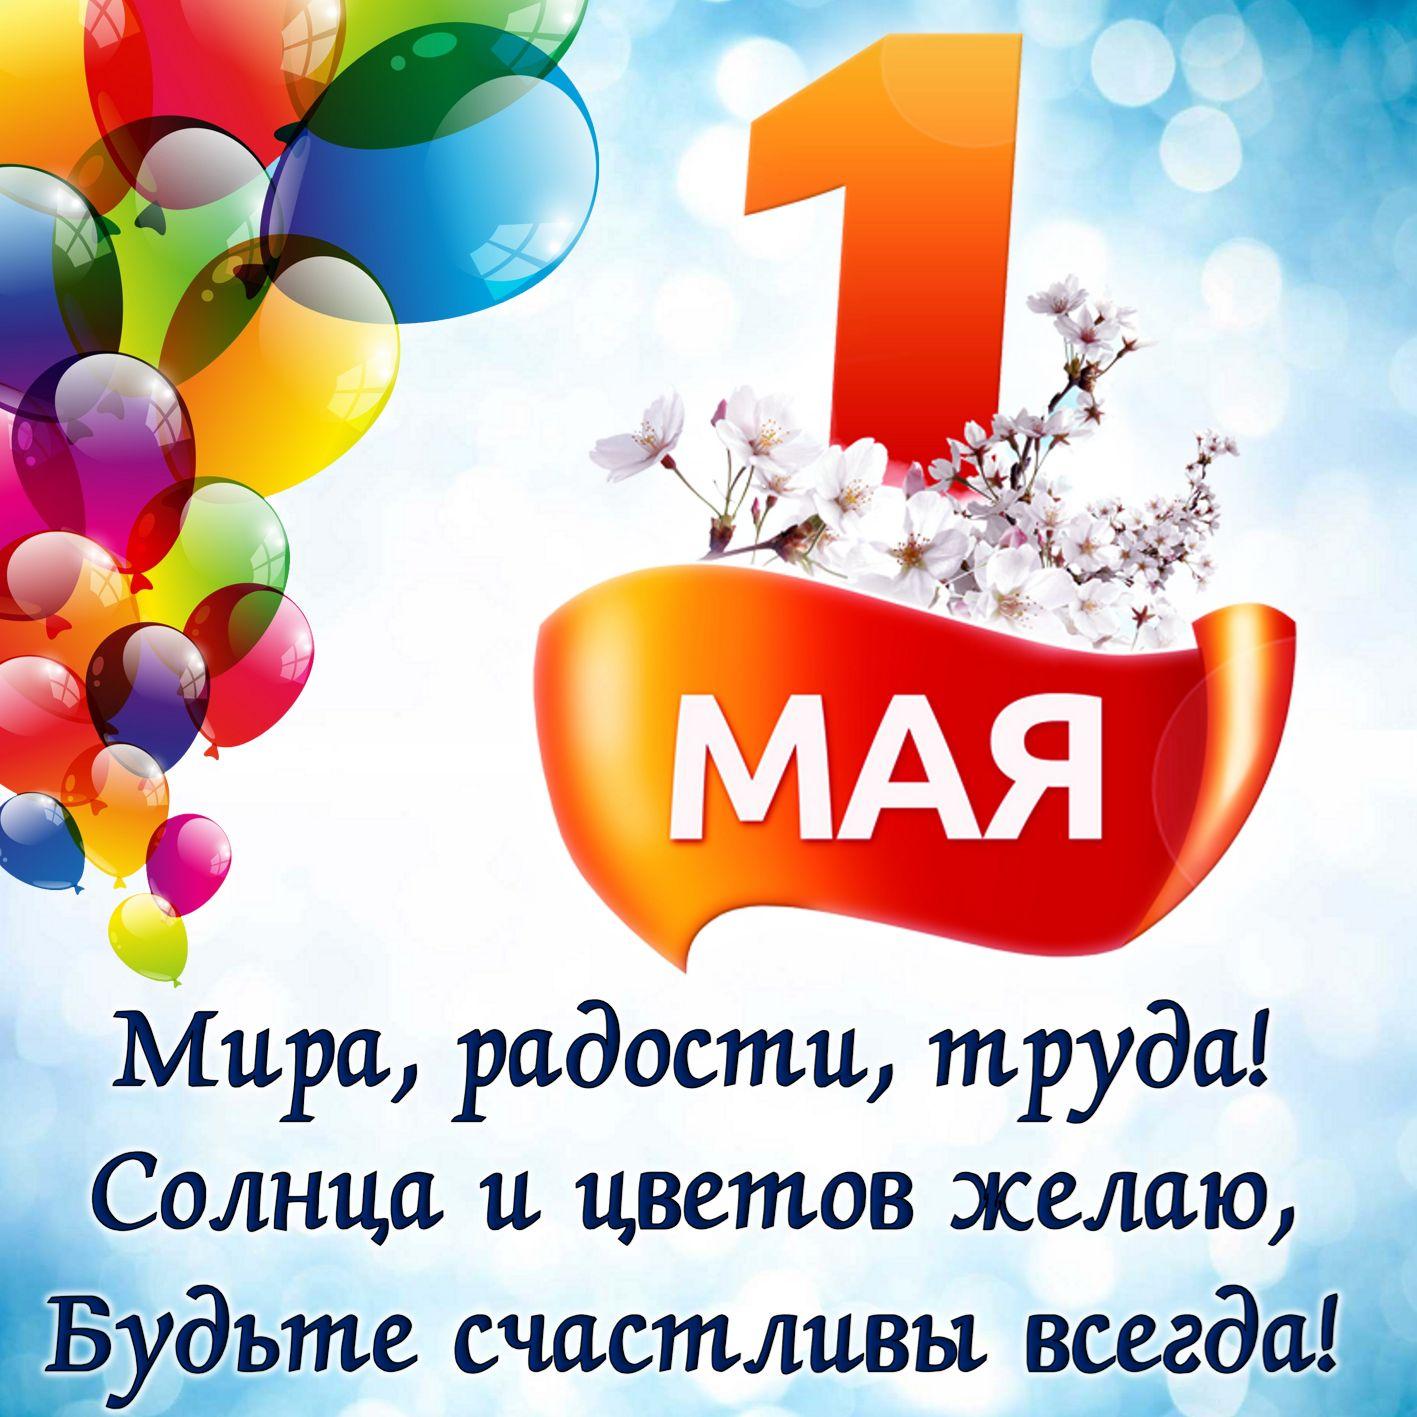 праздник мира и труда поздравления алмаштырбай озунду, арнап